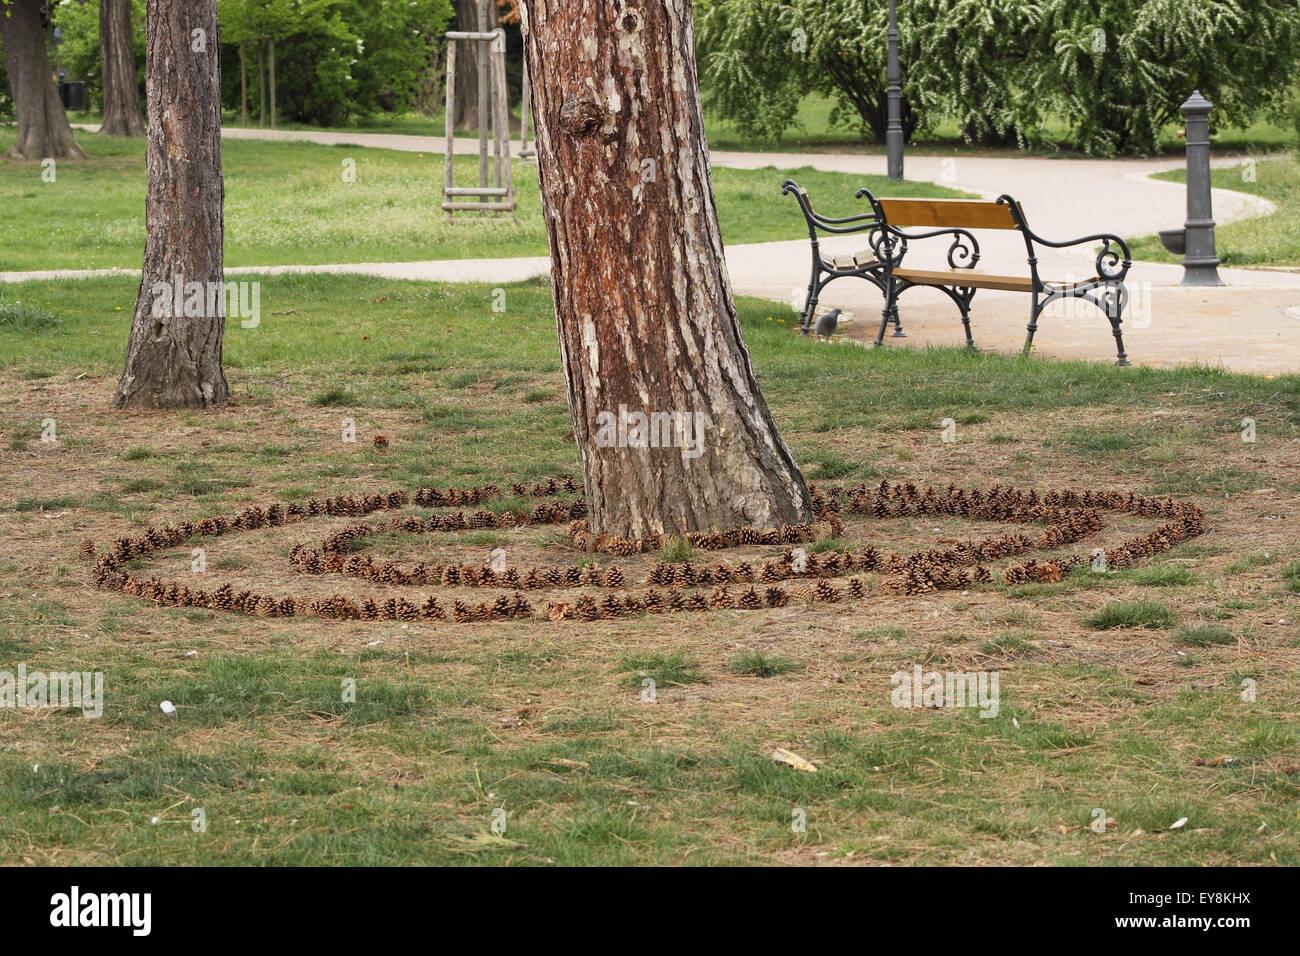 Klettergerüst Um Baum : Kreise um einen baum stockfotos bilder alamy